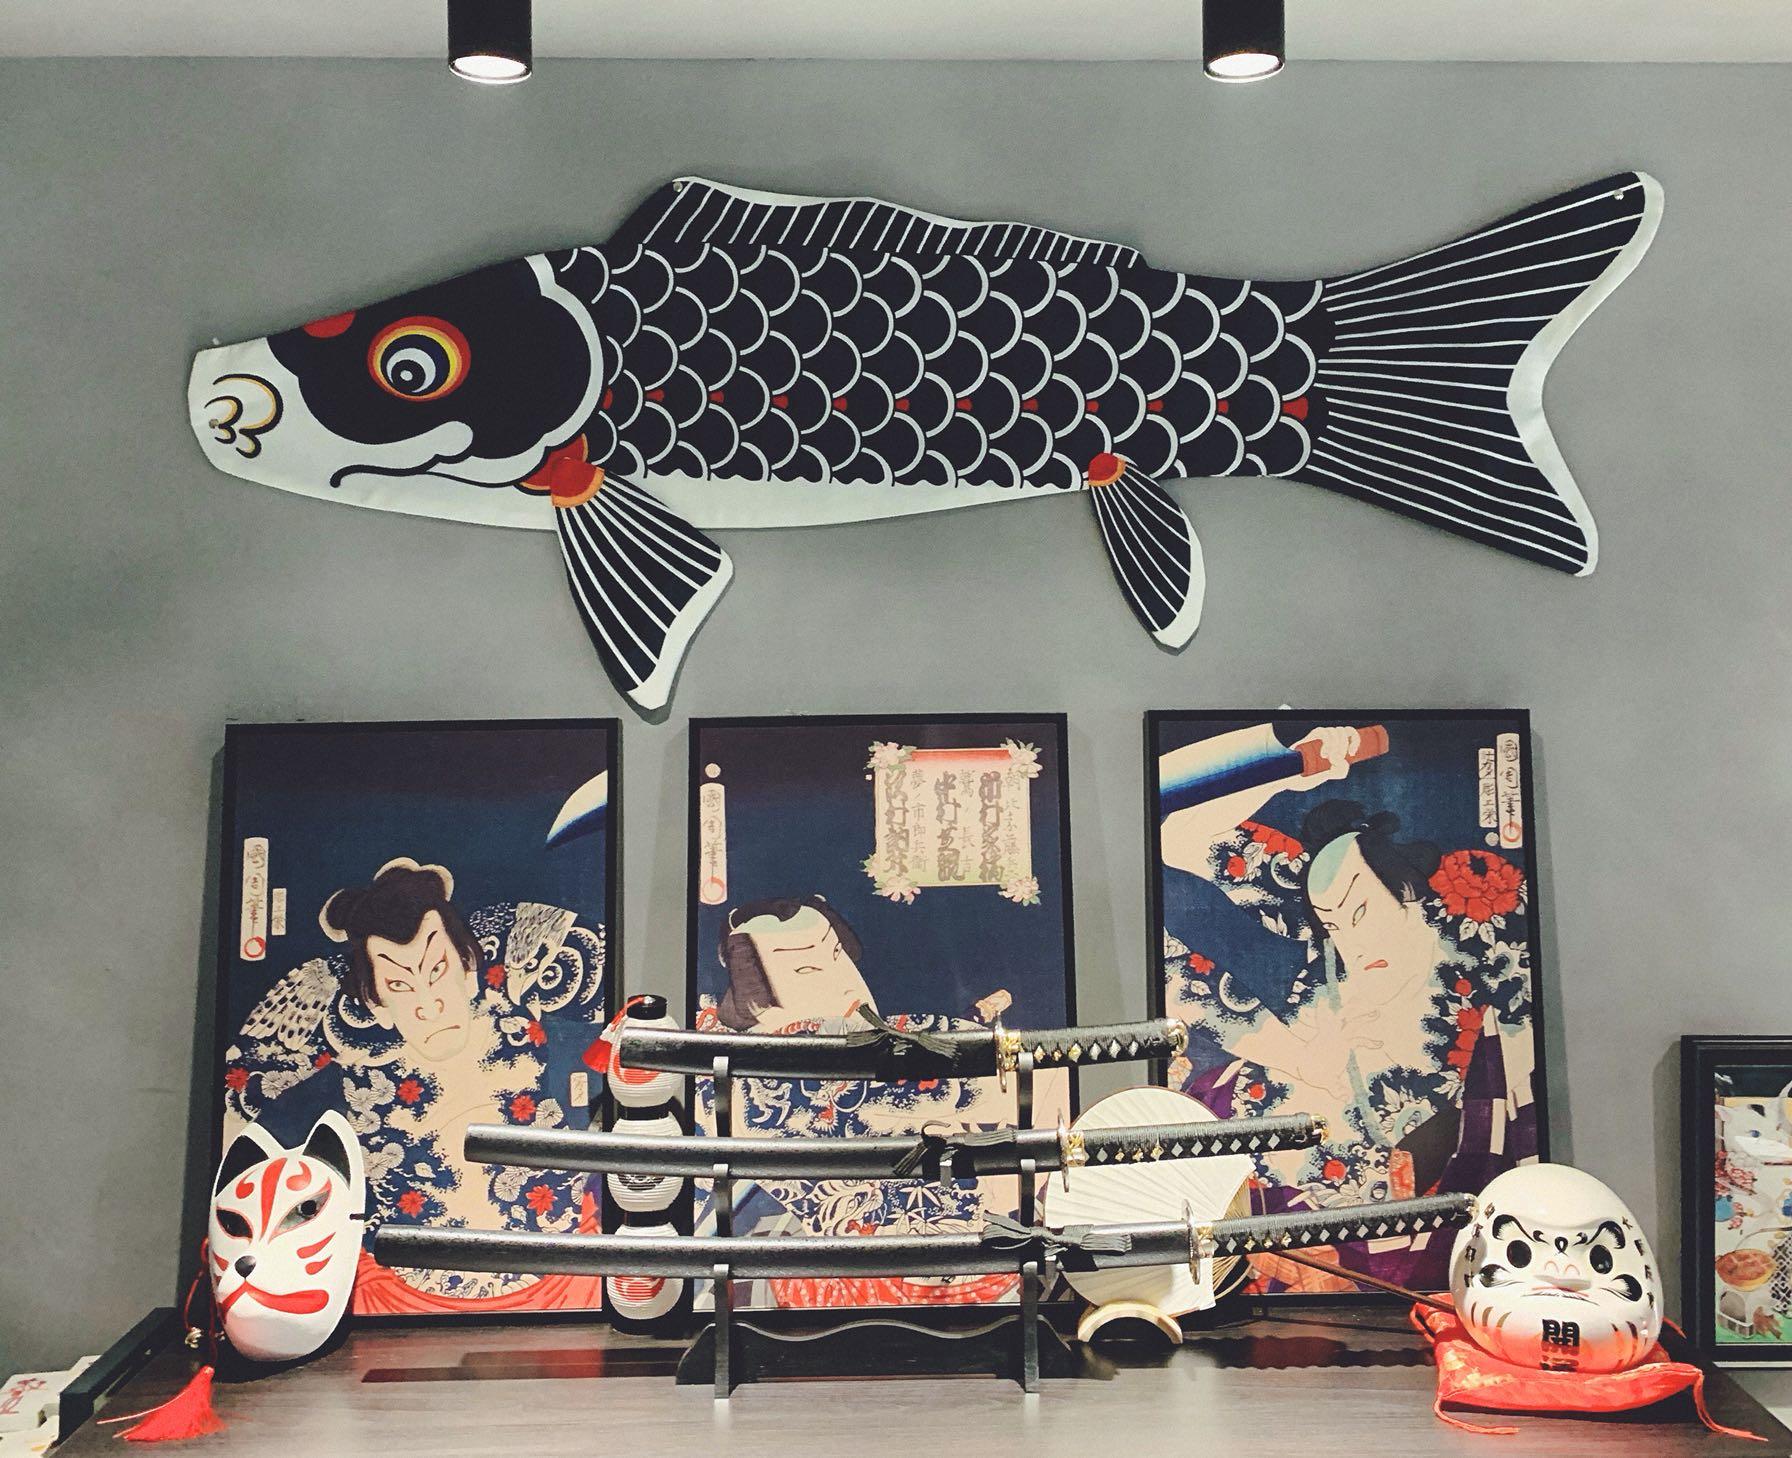 日式鲤鱼旗挂布超大1.7m!浮世绘风格装饰挂布墙挂定制款